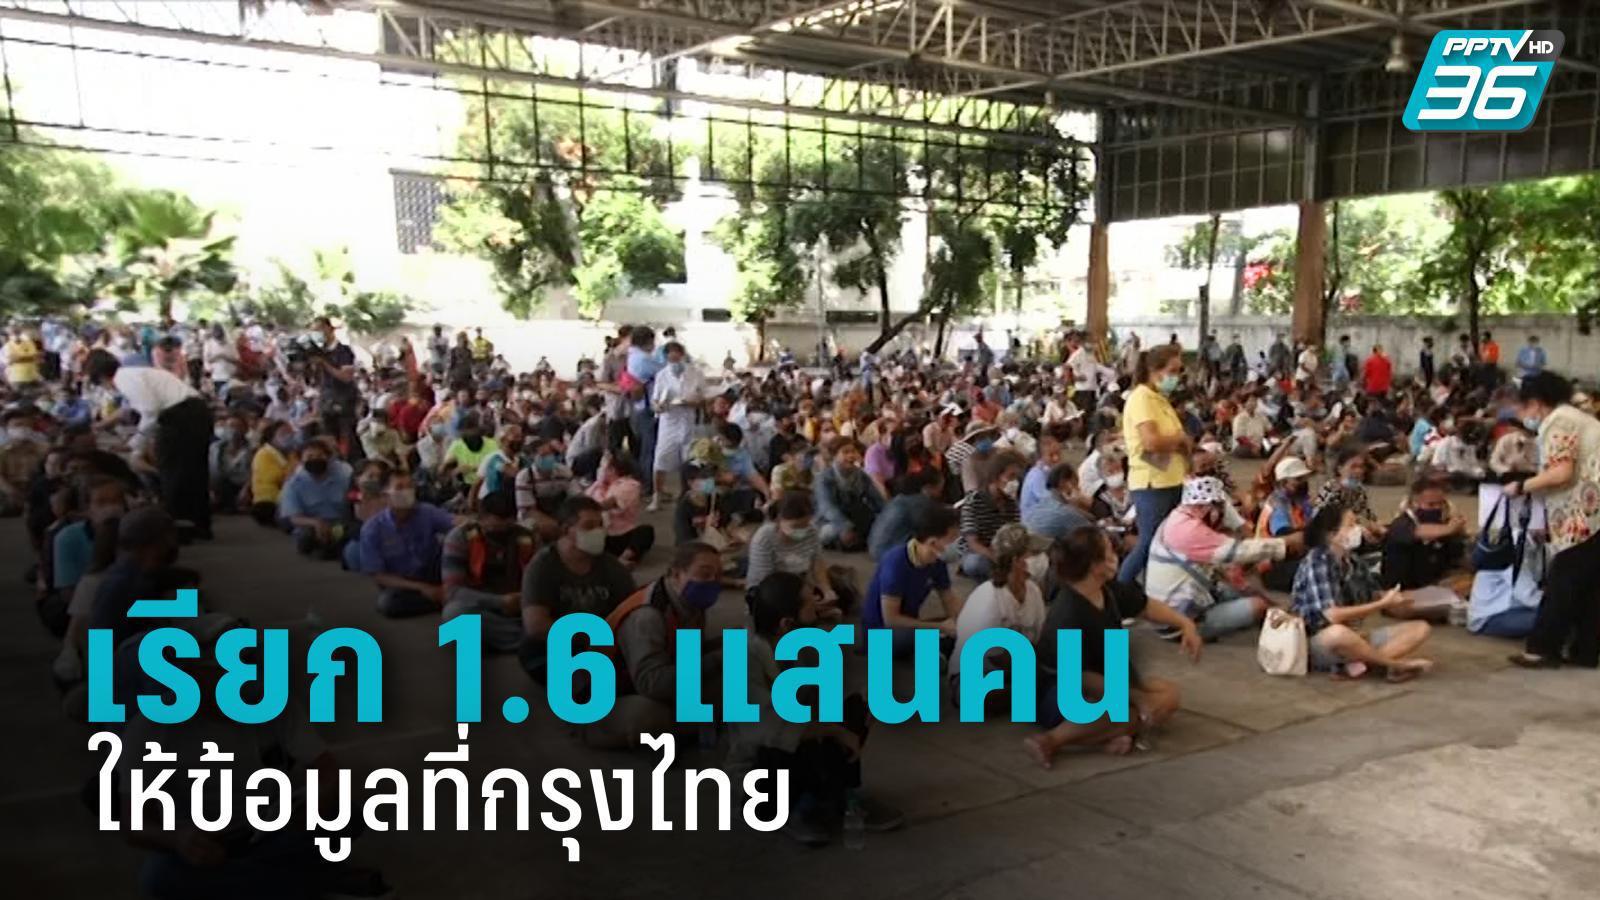 ทบทวนสิทธิ์ เยียวยาเราไม่ทิ้งกัน คลังเรียก 1.6 แสนคนให้ข้อมูลที่ธ.กรุงไทย